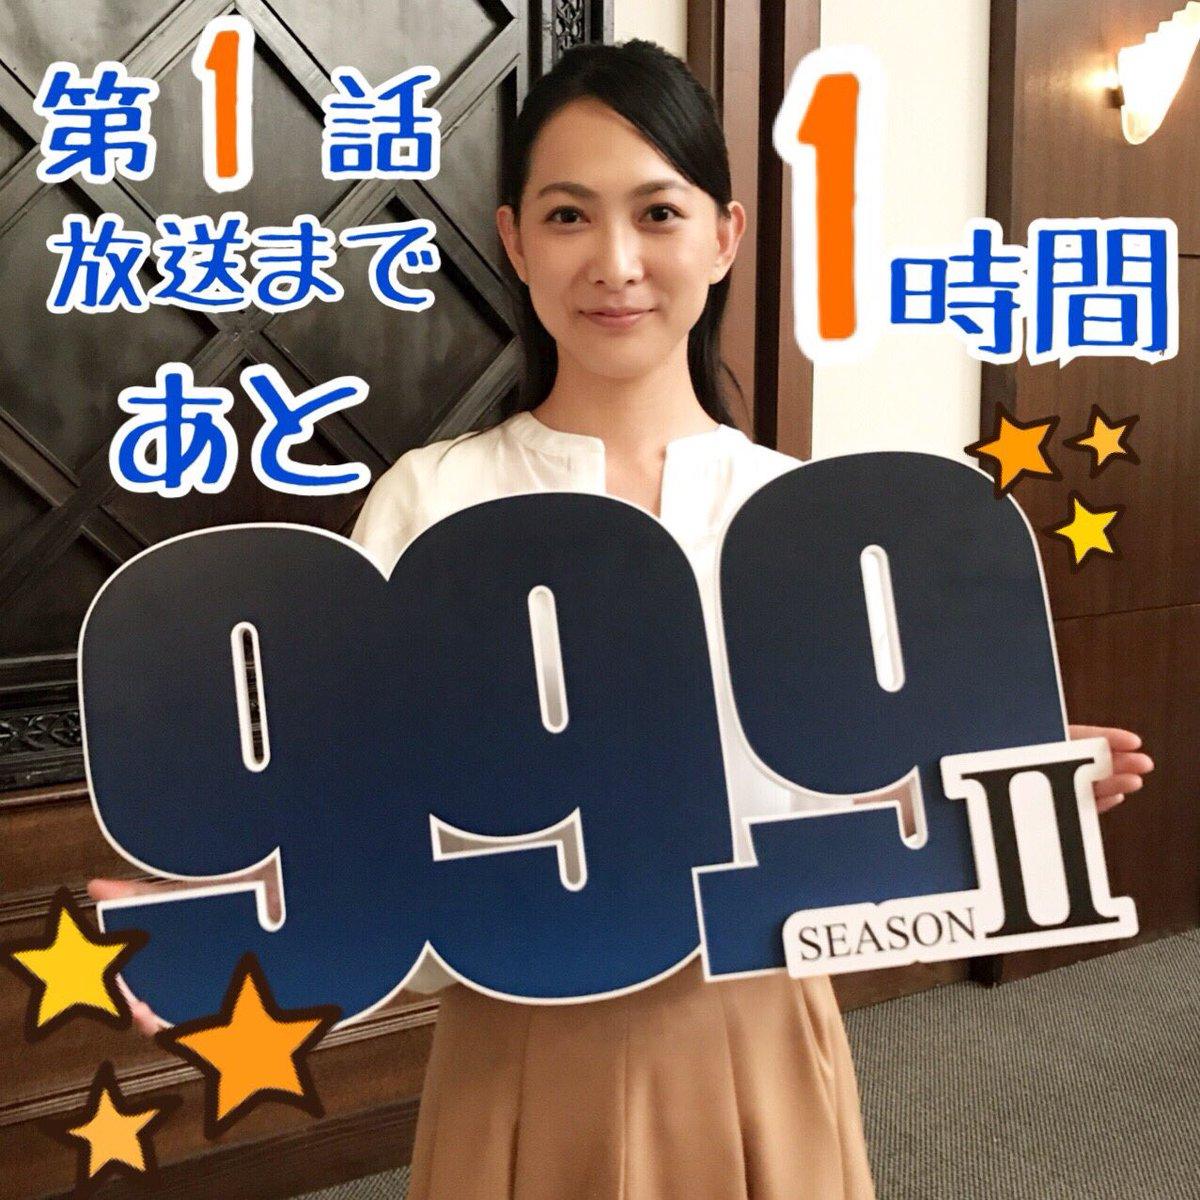 いよいよ1時間前です! 1話ゲストの谷村美月さんがカウントダウン! 皆さん、是非お楽しみください! …